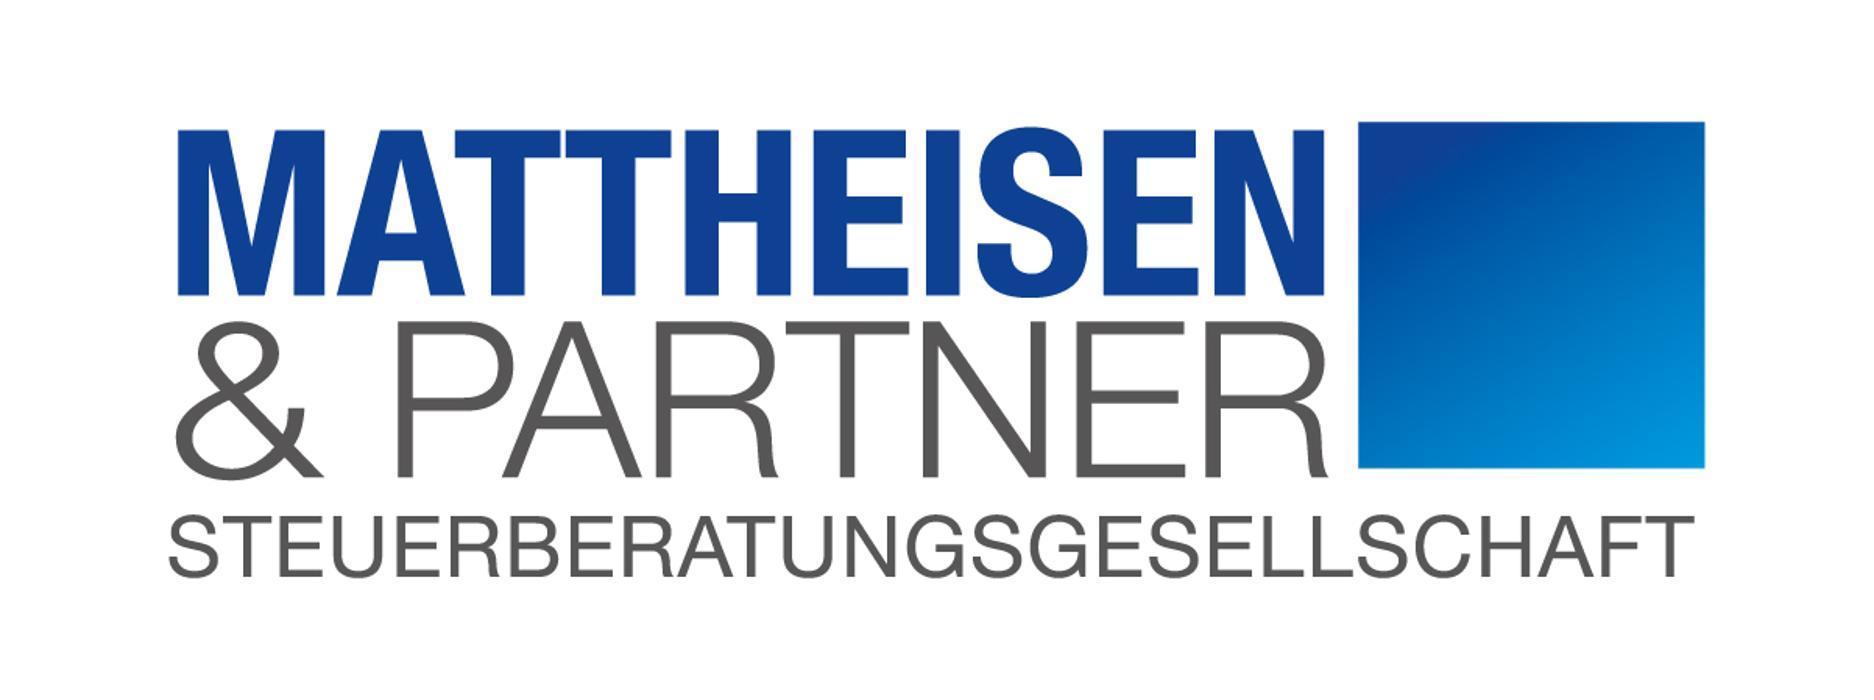 Bild zu Mattheisen & Partner Steuerberatungsgesellschaft in Neuss